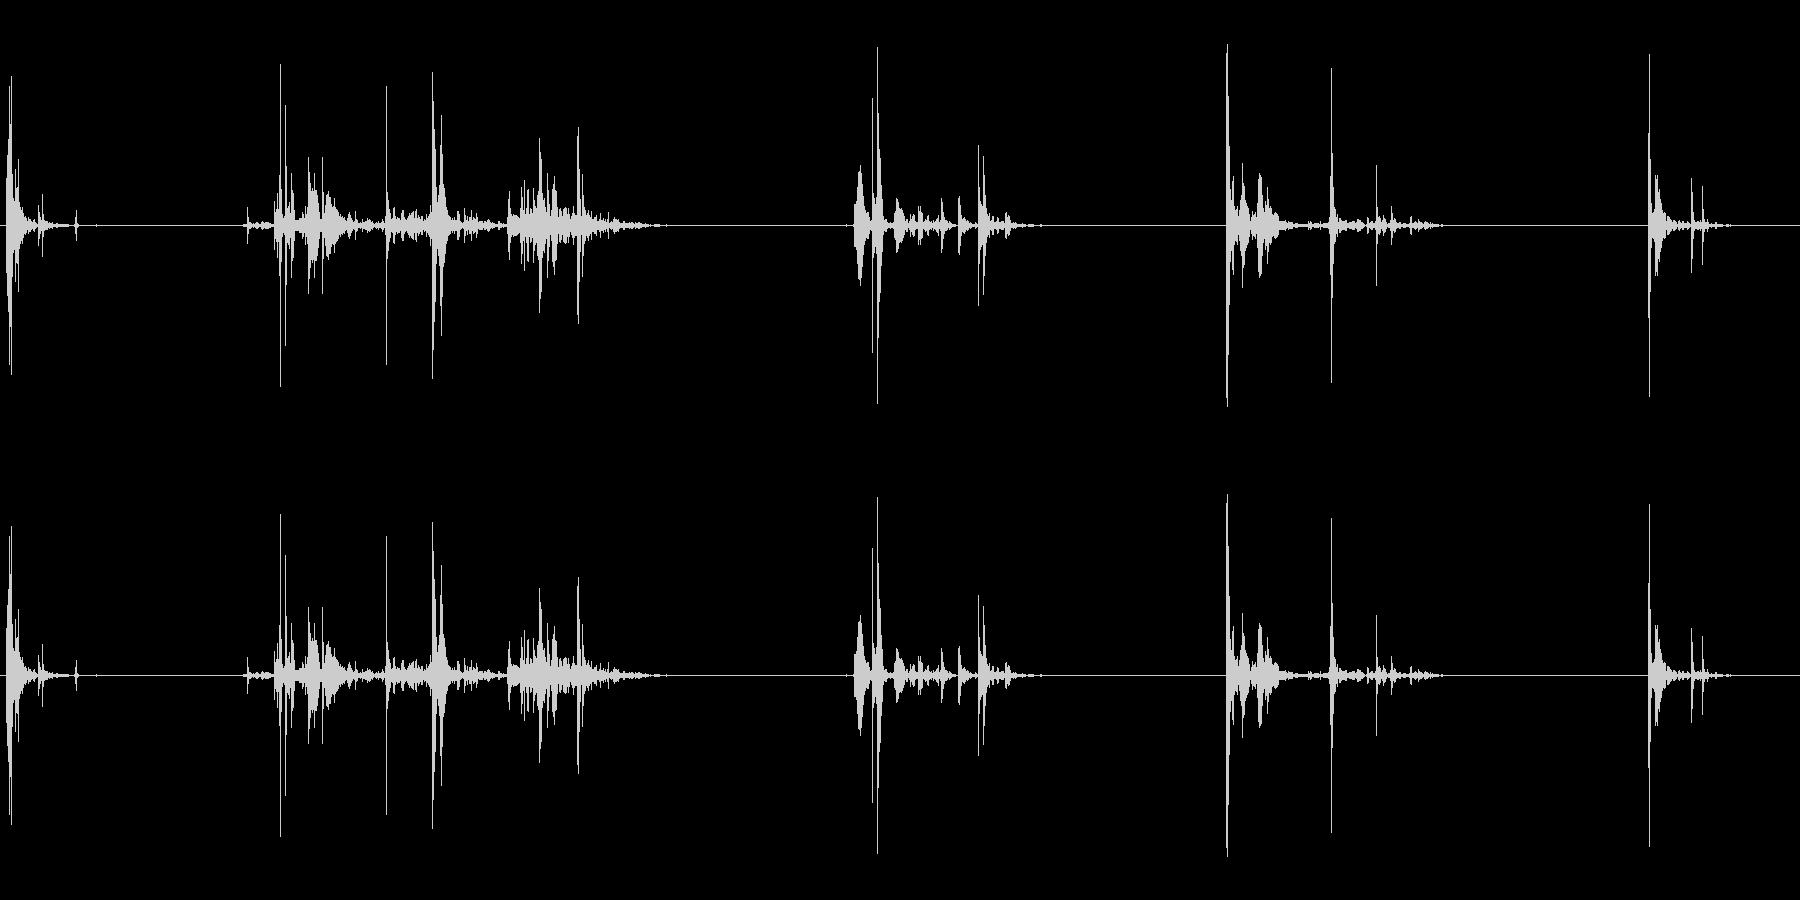 いくつかのシングルロックスインパク...の未再生の波形